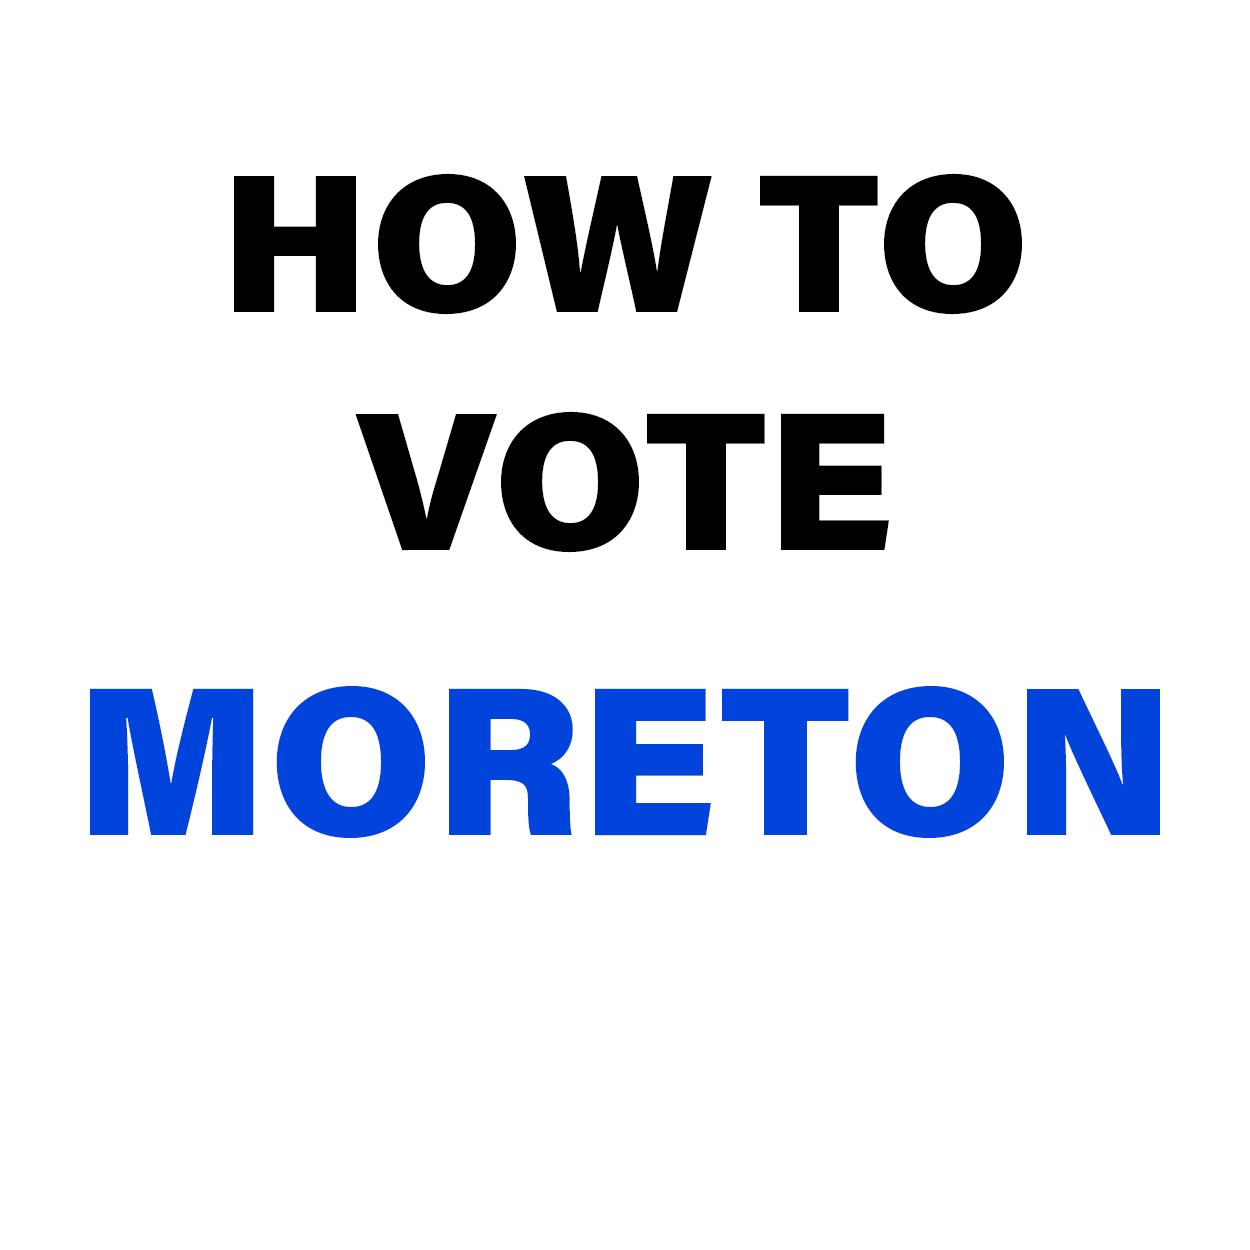 MORETON.png